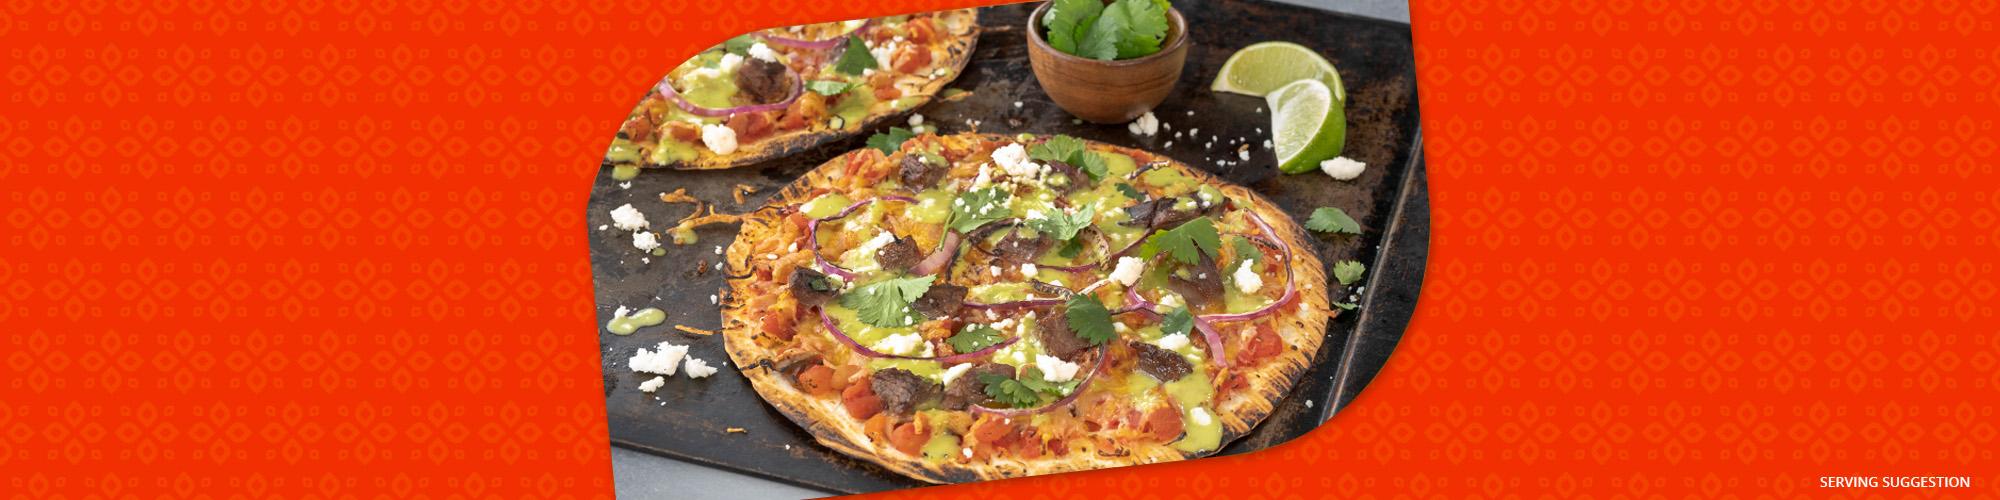 Salsas mexican homemade pizza